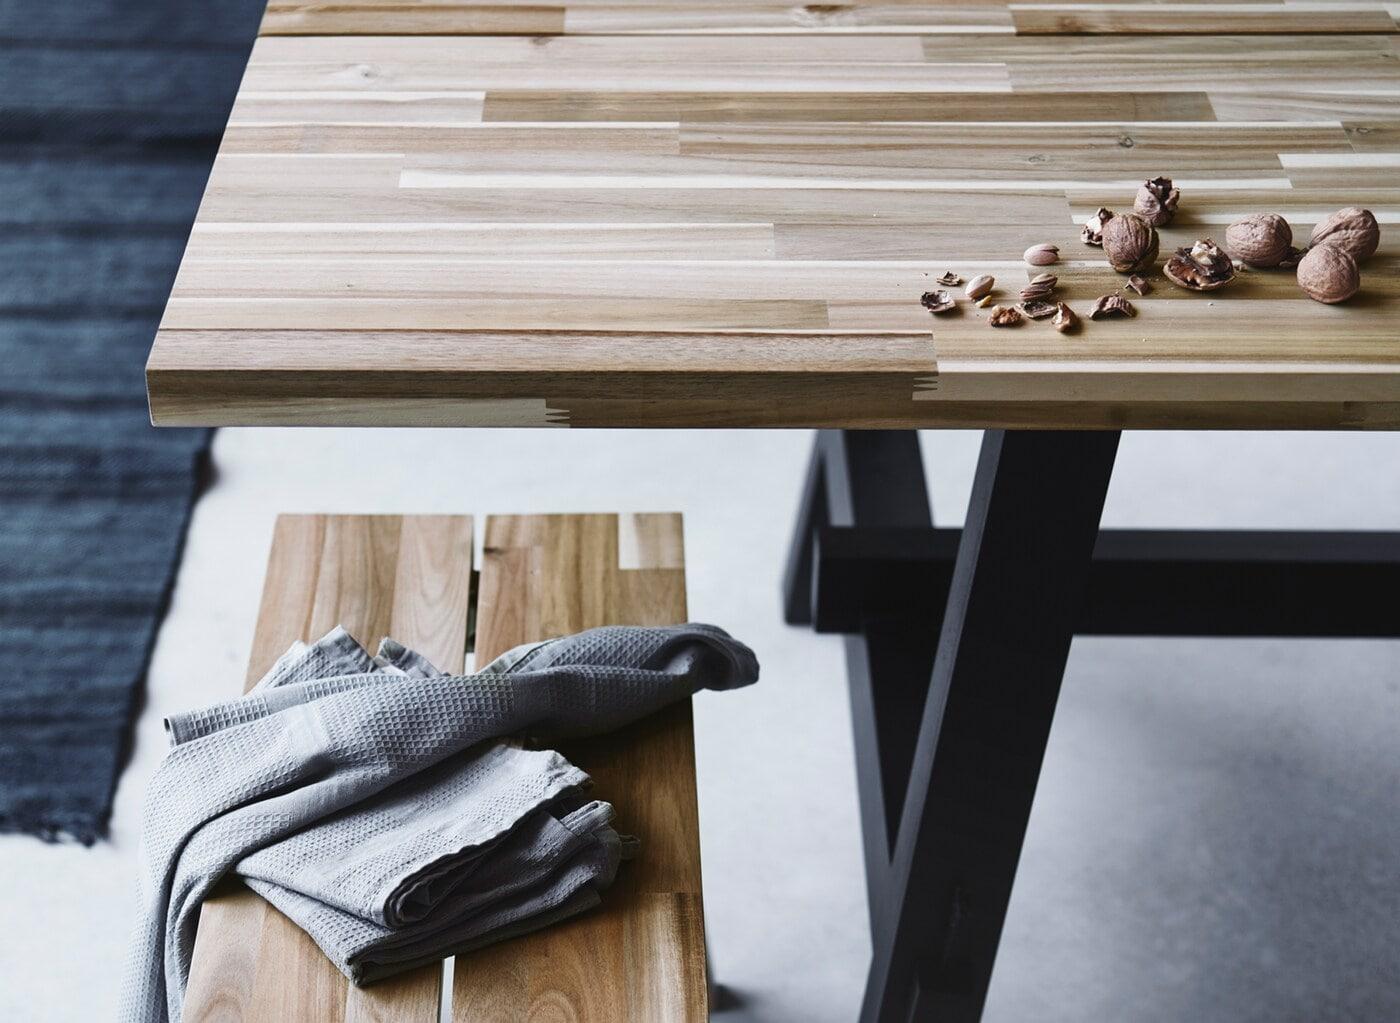 Lien vers «Le bois, un matériau aux qualités nombreuses» Image d'une table à manger rectangulaire en bois avec un grain et des tons distinctifs.